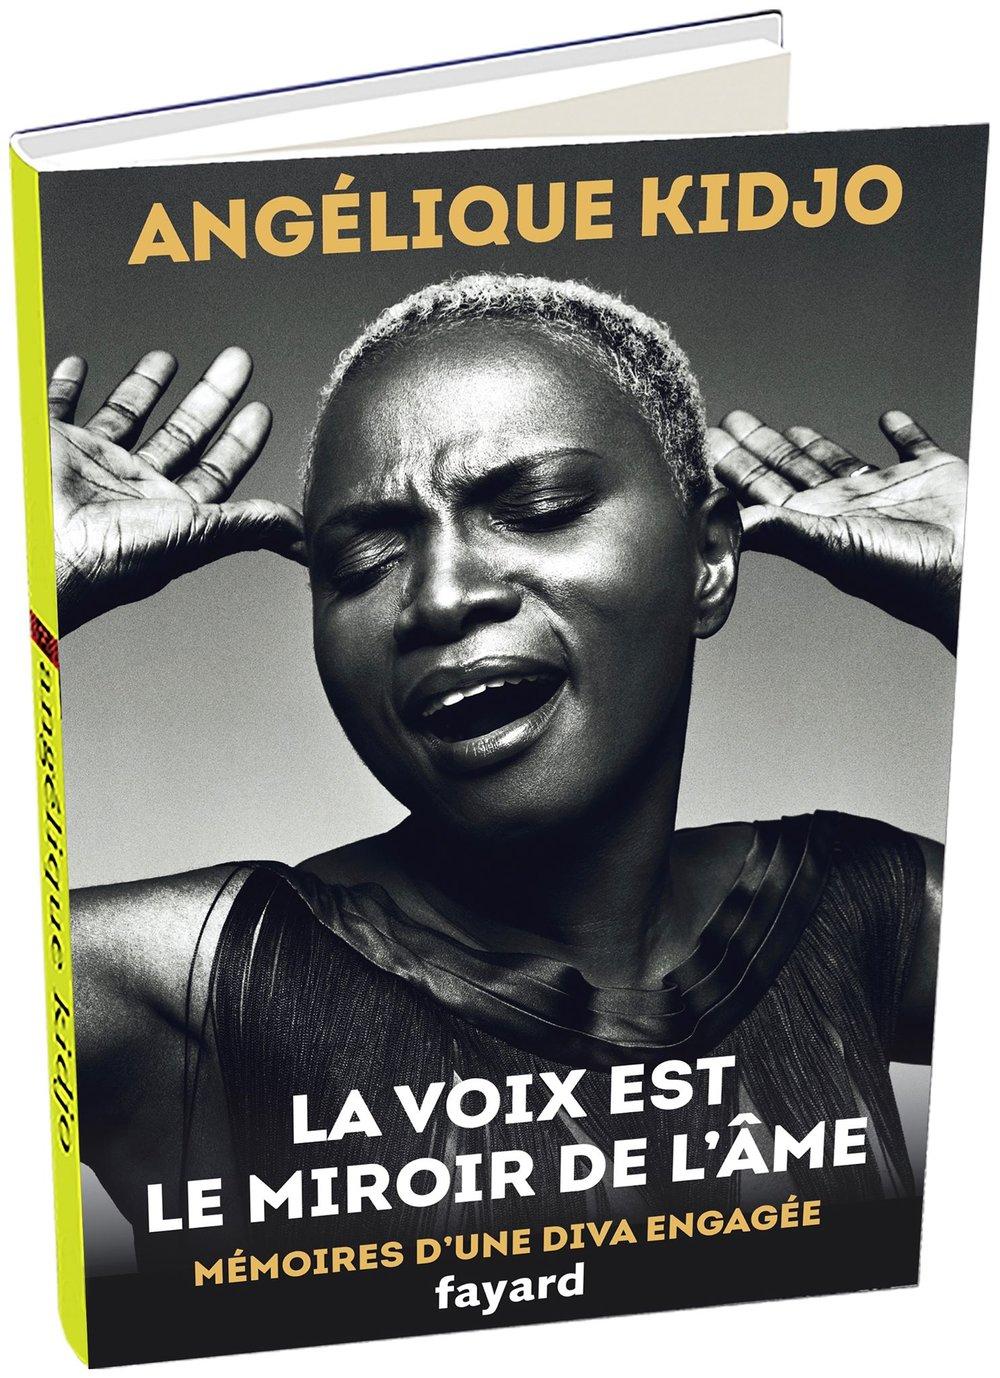 La Voix Est Le Miroir De L'Ame Book Cover.jpg